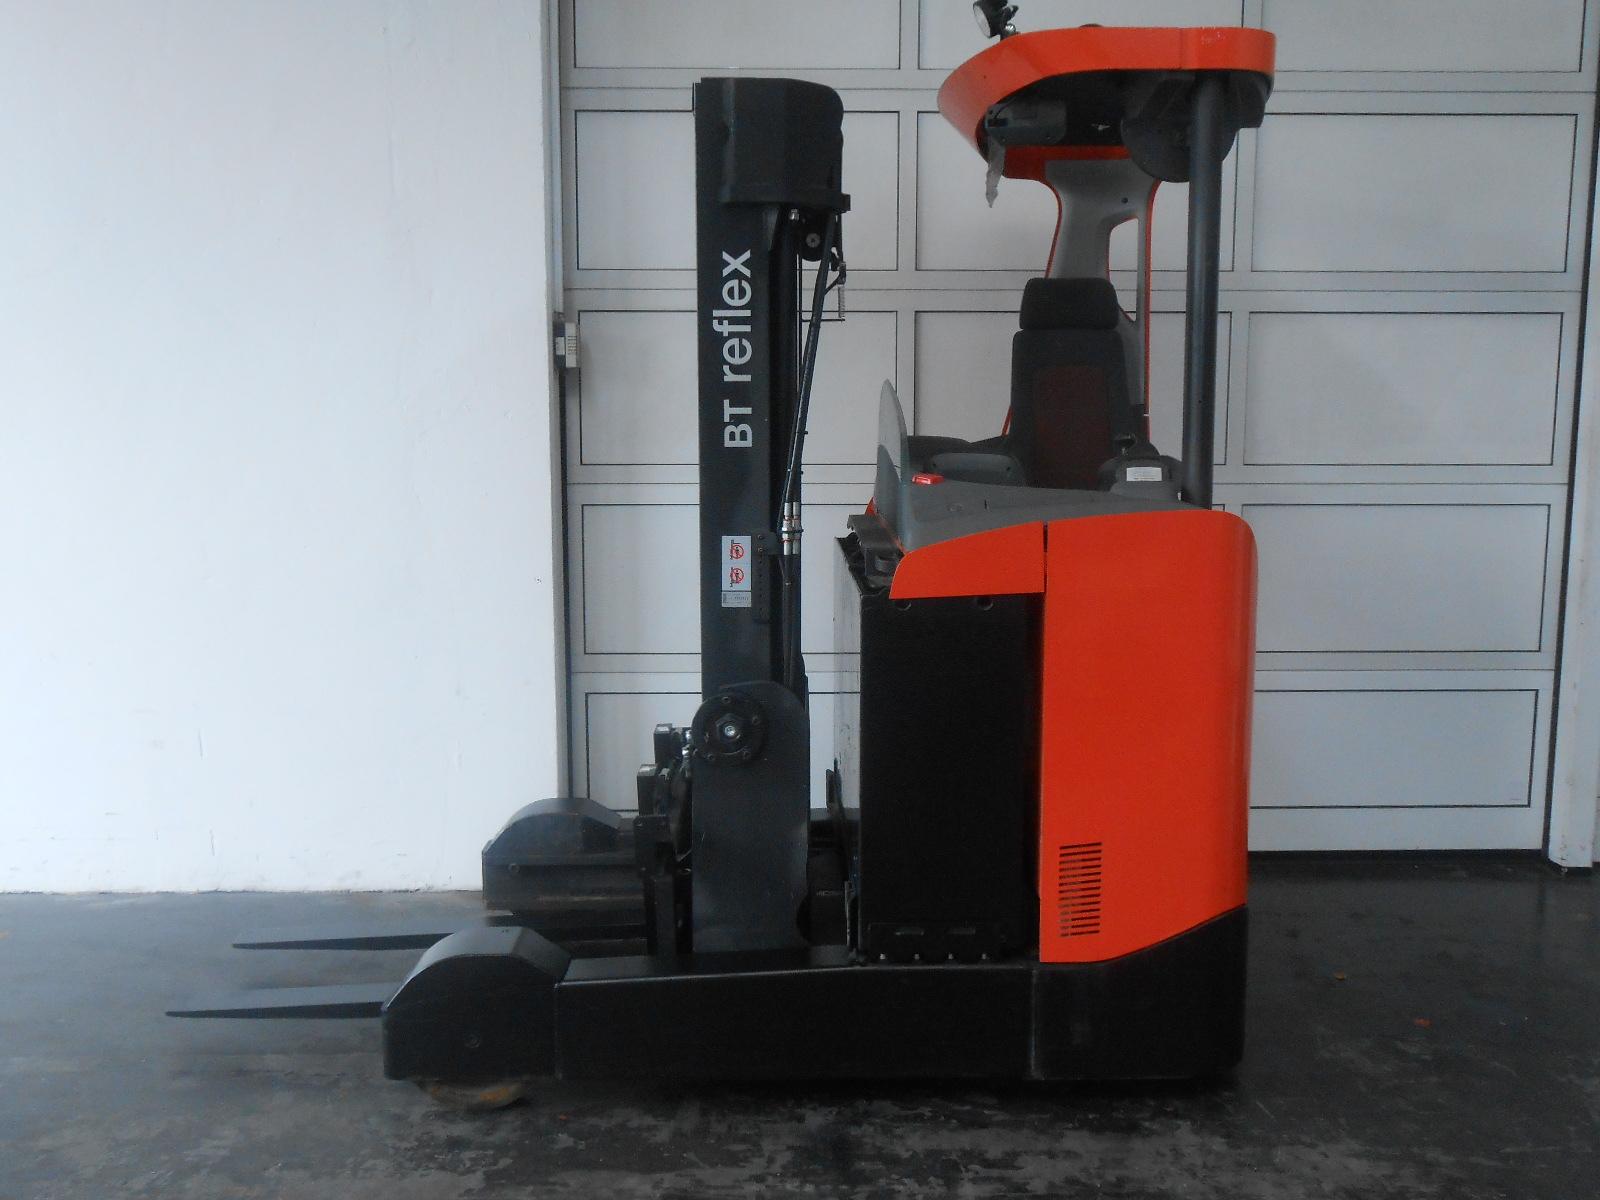 Toyota-Gabelstapler-59840 1505026753 1 19